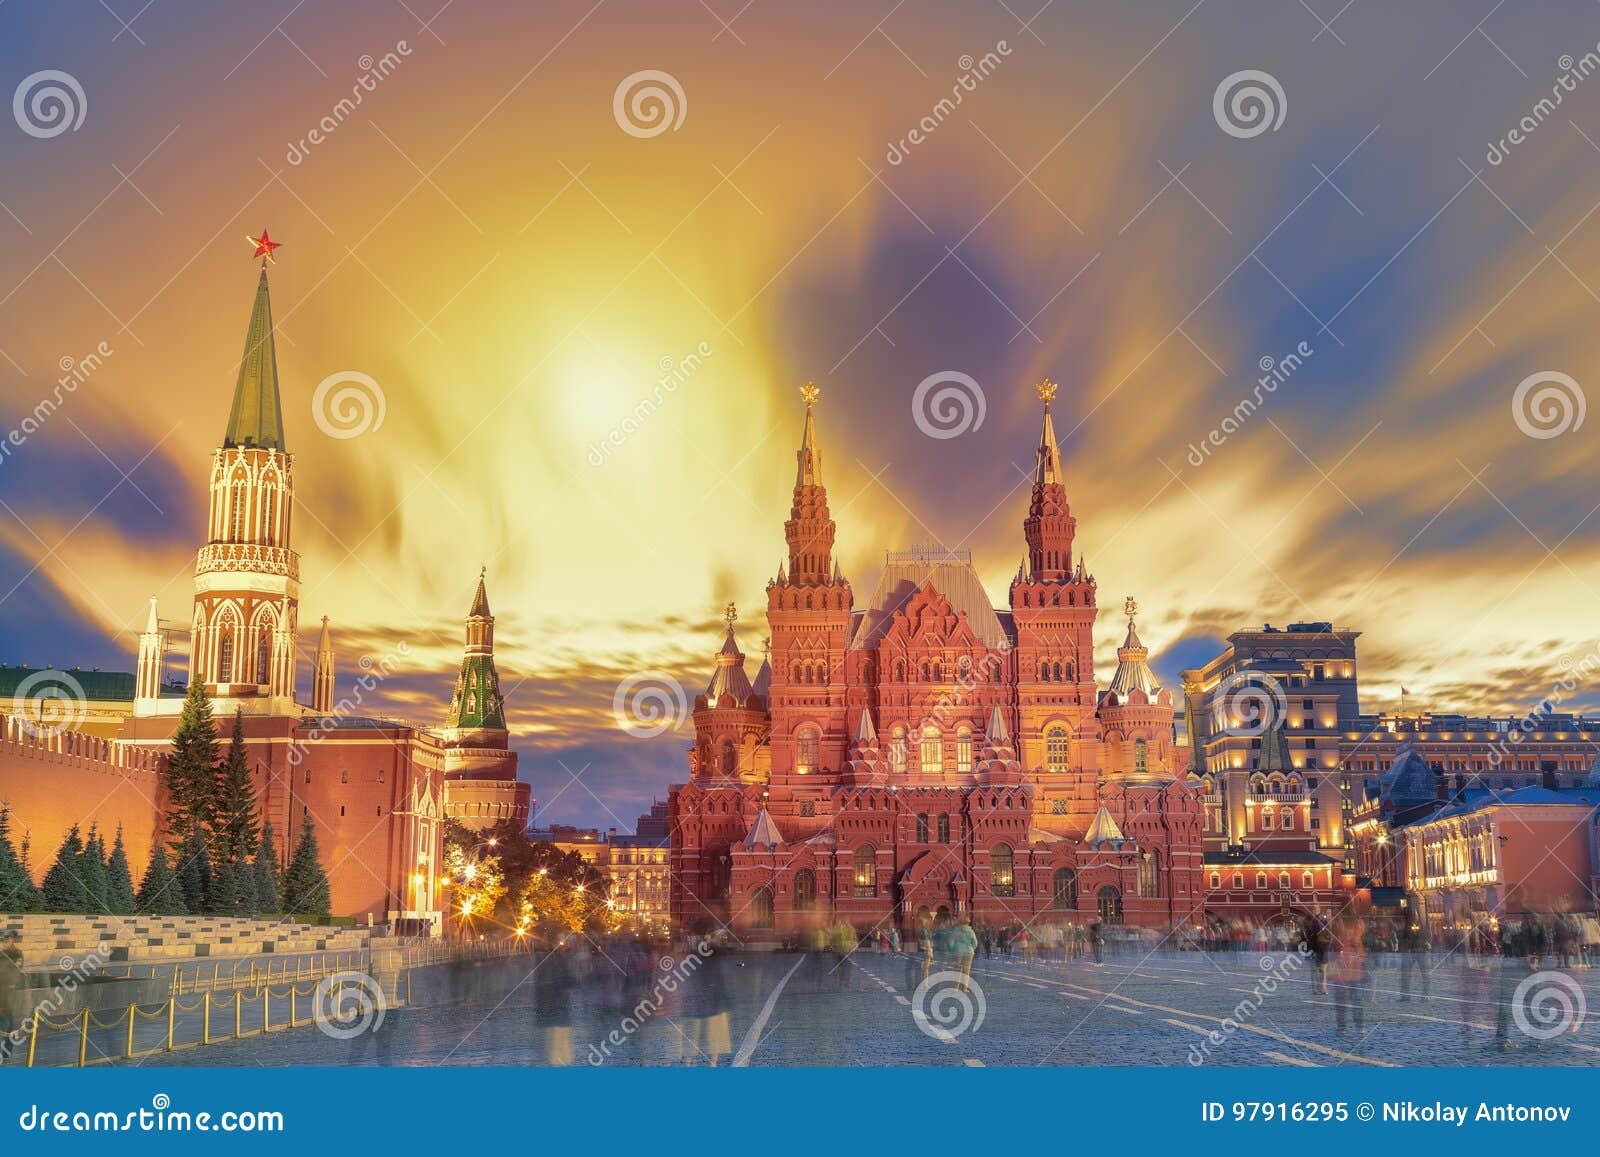 Взгляд красной площади, Москва Кремль захода солнца, мавзолей Ленина, historican музей в России Ориентир ориентиры Москвы мира из